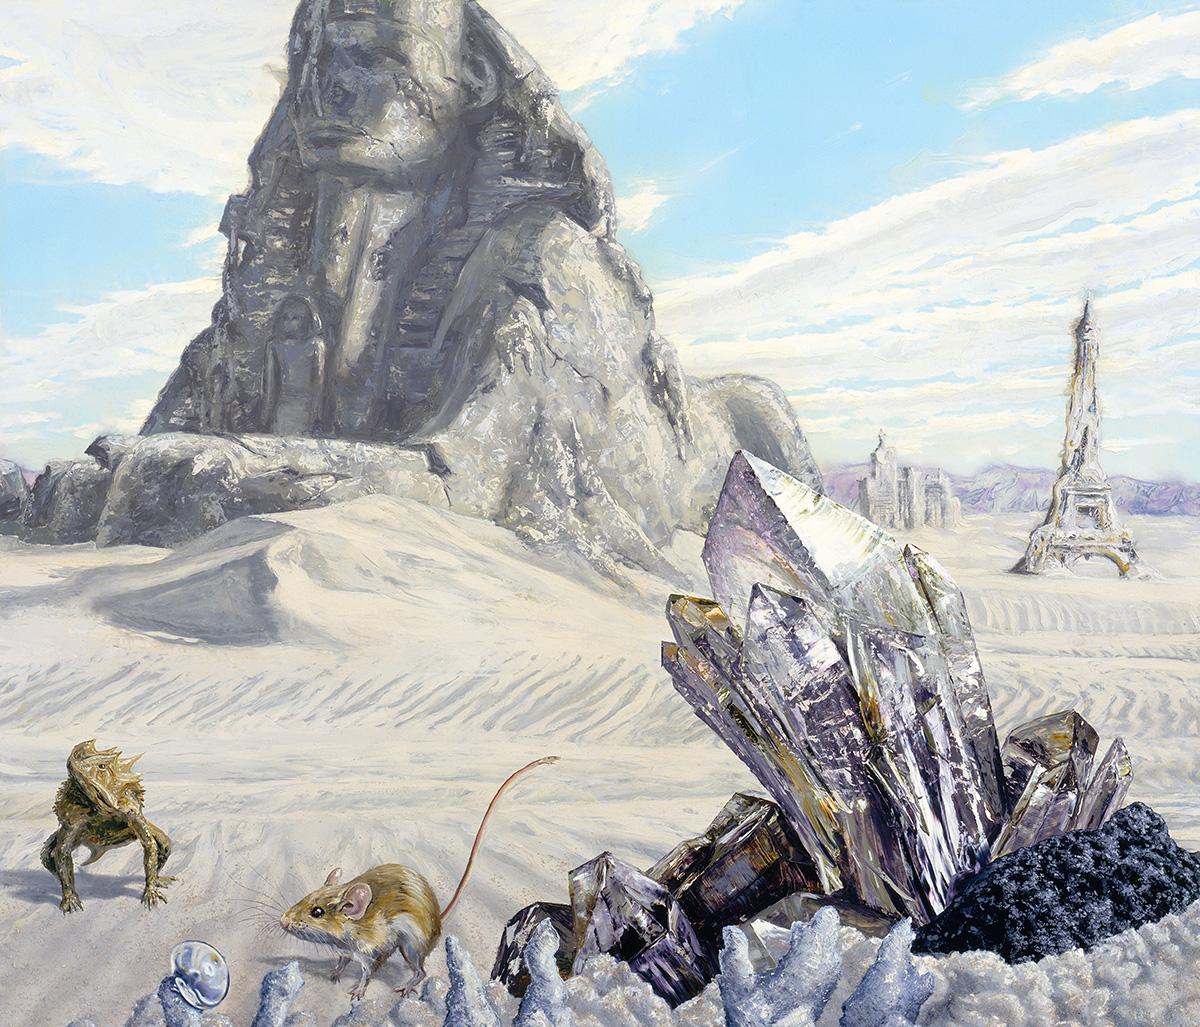 Post human landscape with Las Vegas ruins